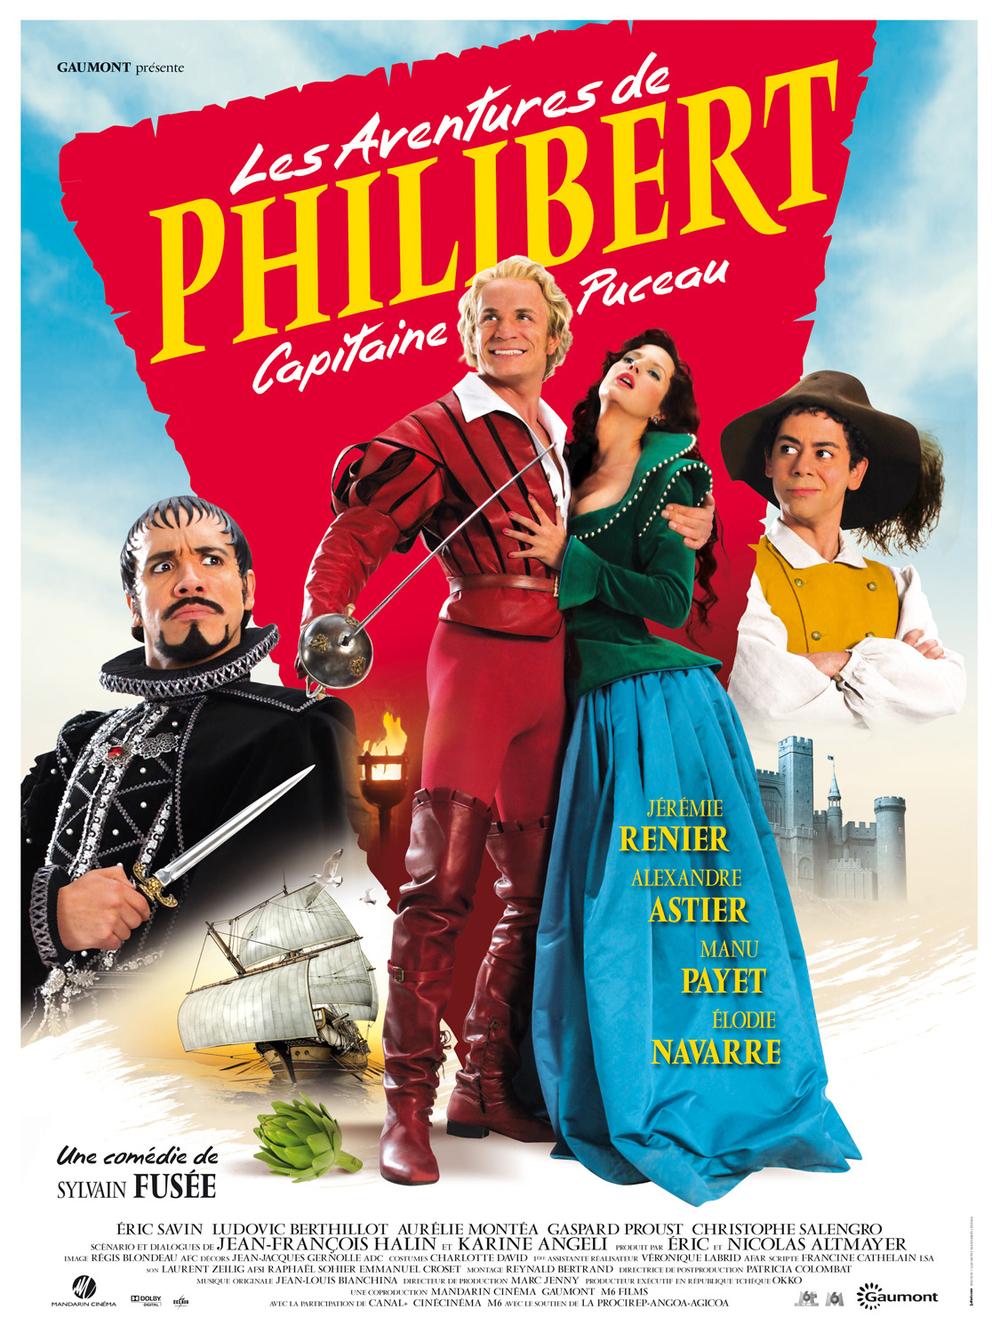 affiche du film Les aventures de Philibert, capitaine puceau